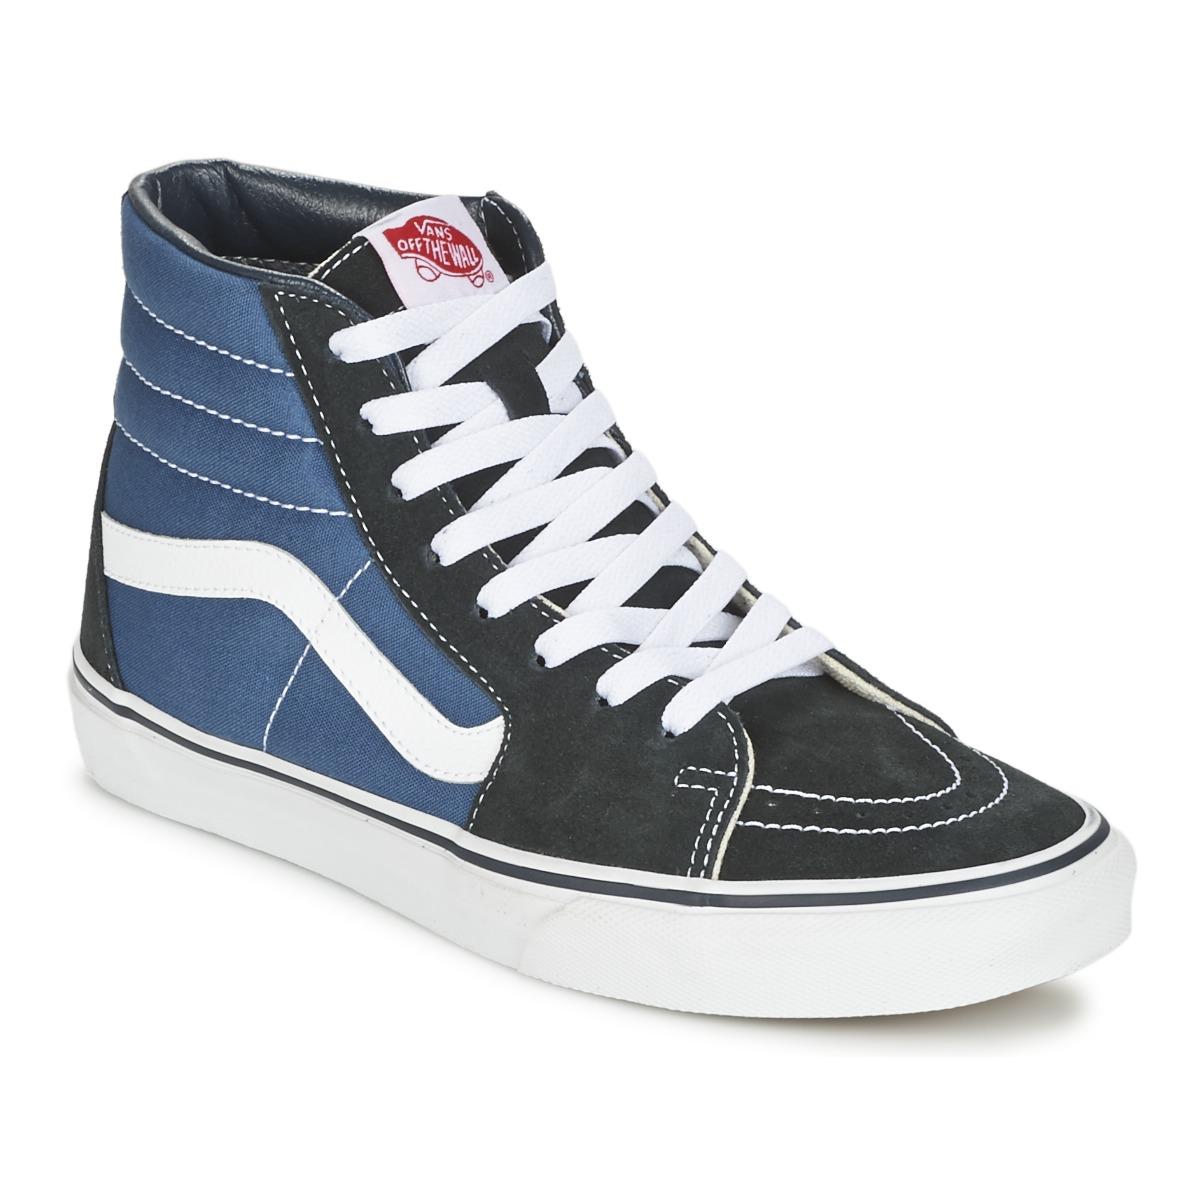 Vans SK8-HI Marine / Schwarz - Kostenloser Versand bei Spartoode ! - Schuhe Sneaker High  67,99 €